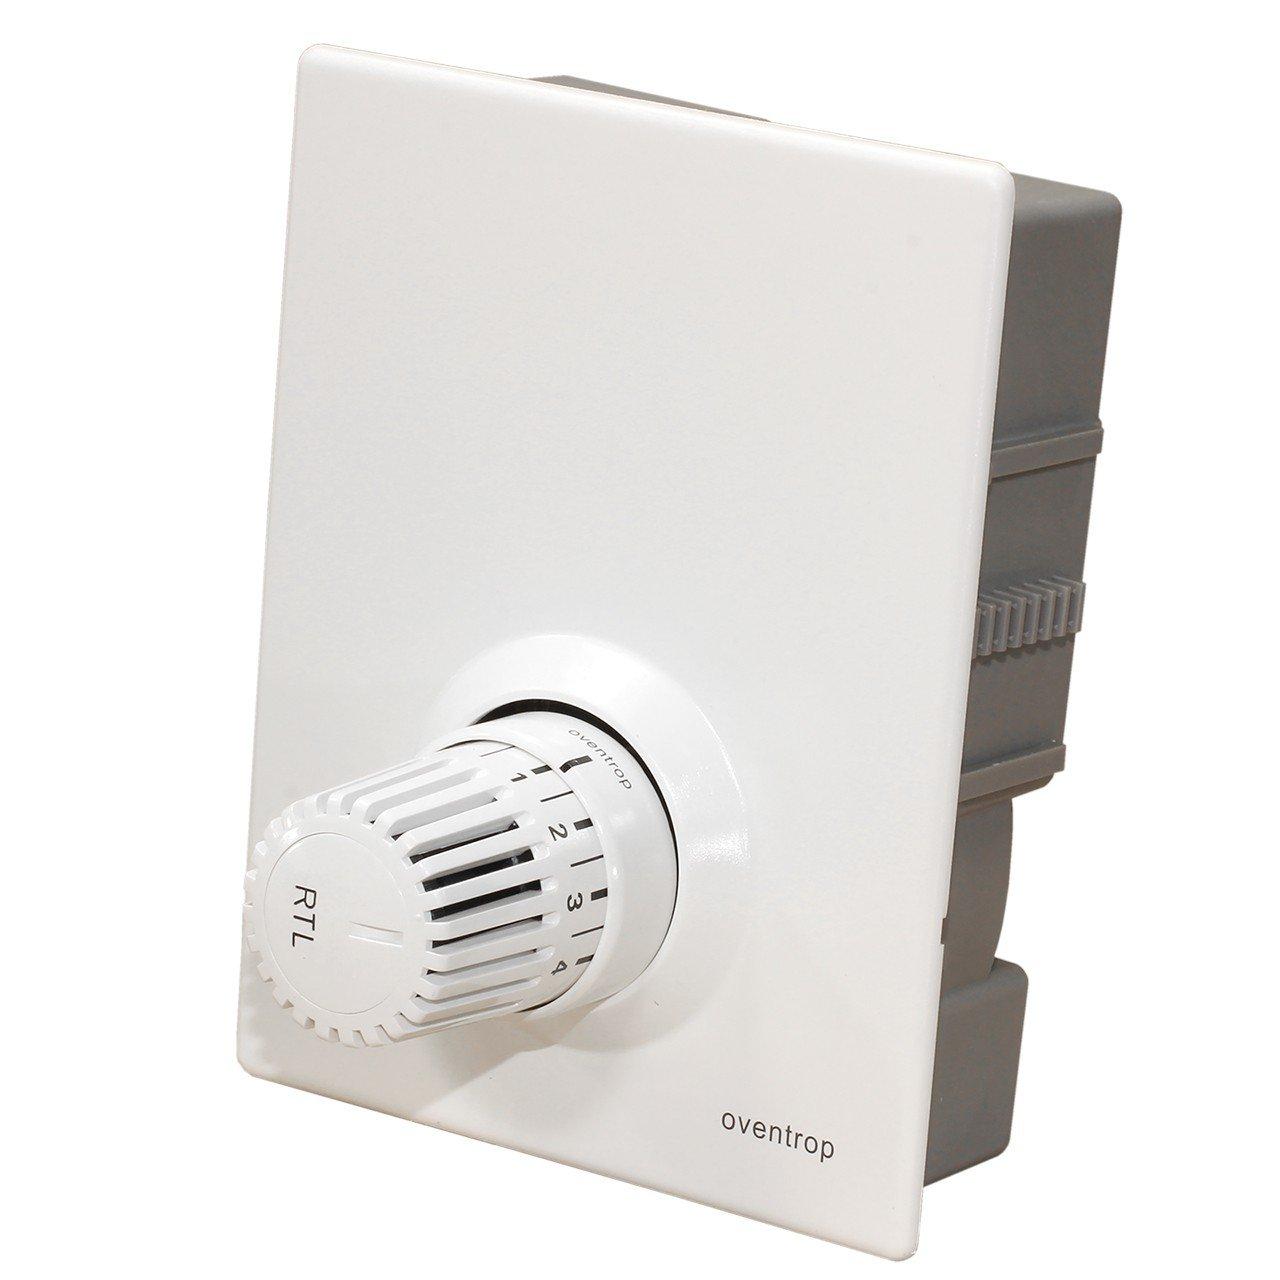 Oventrop Einzelraumregelung Unibox plus Thermostatventil und RTL-Ventil 1022637